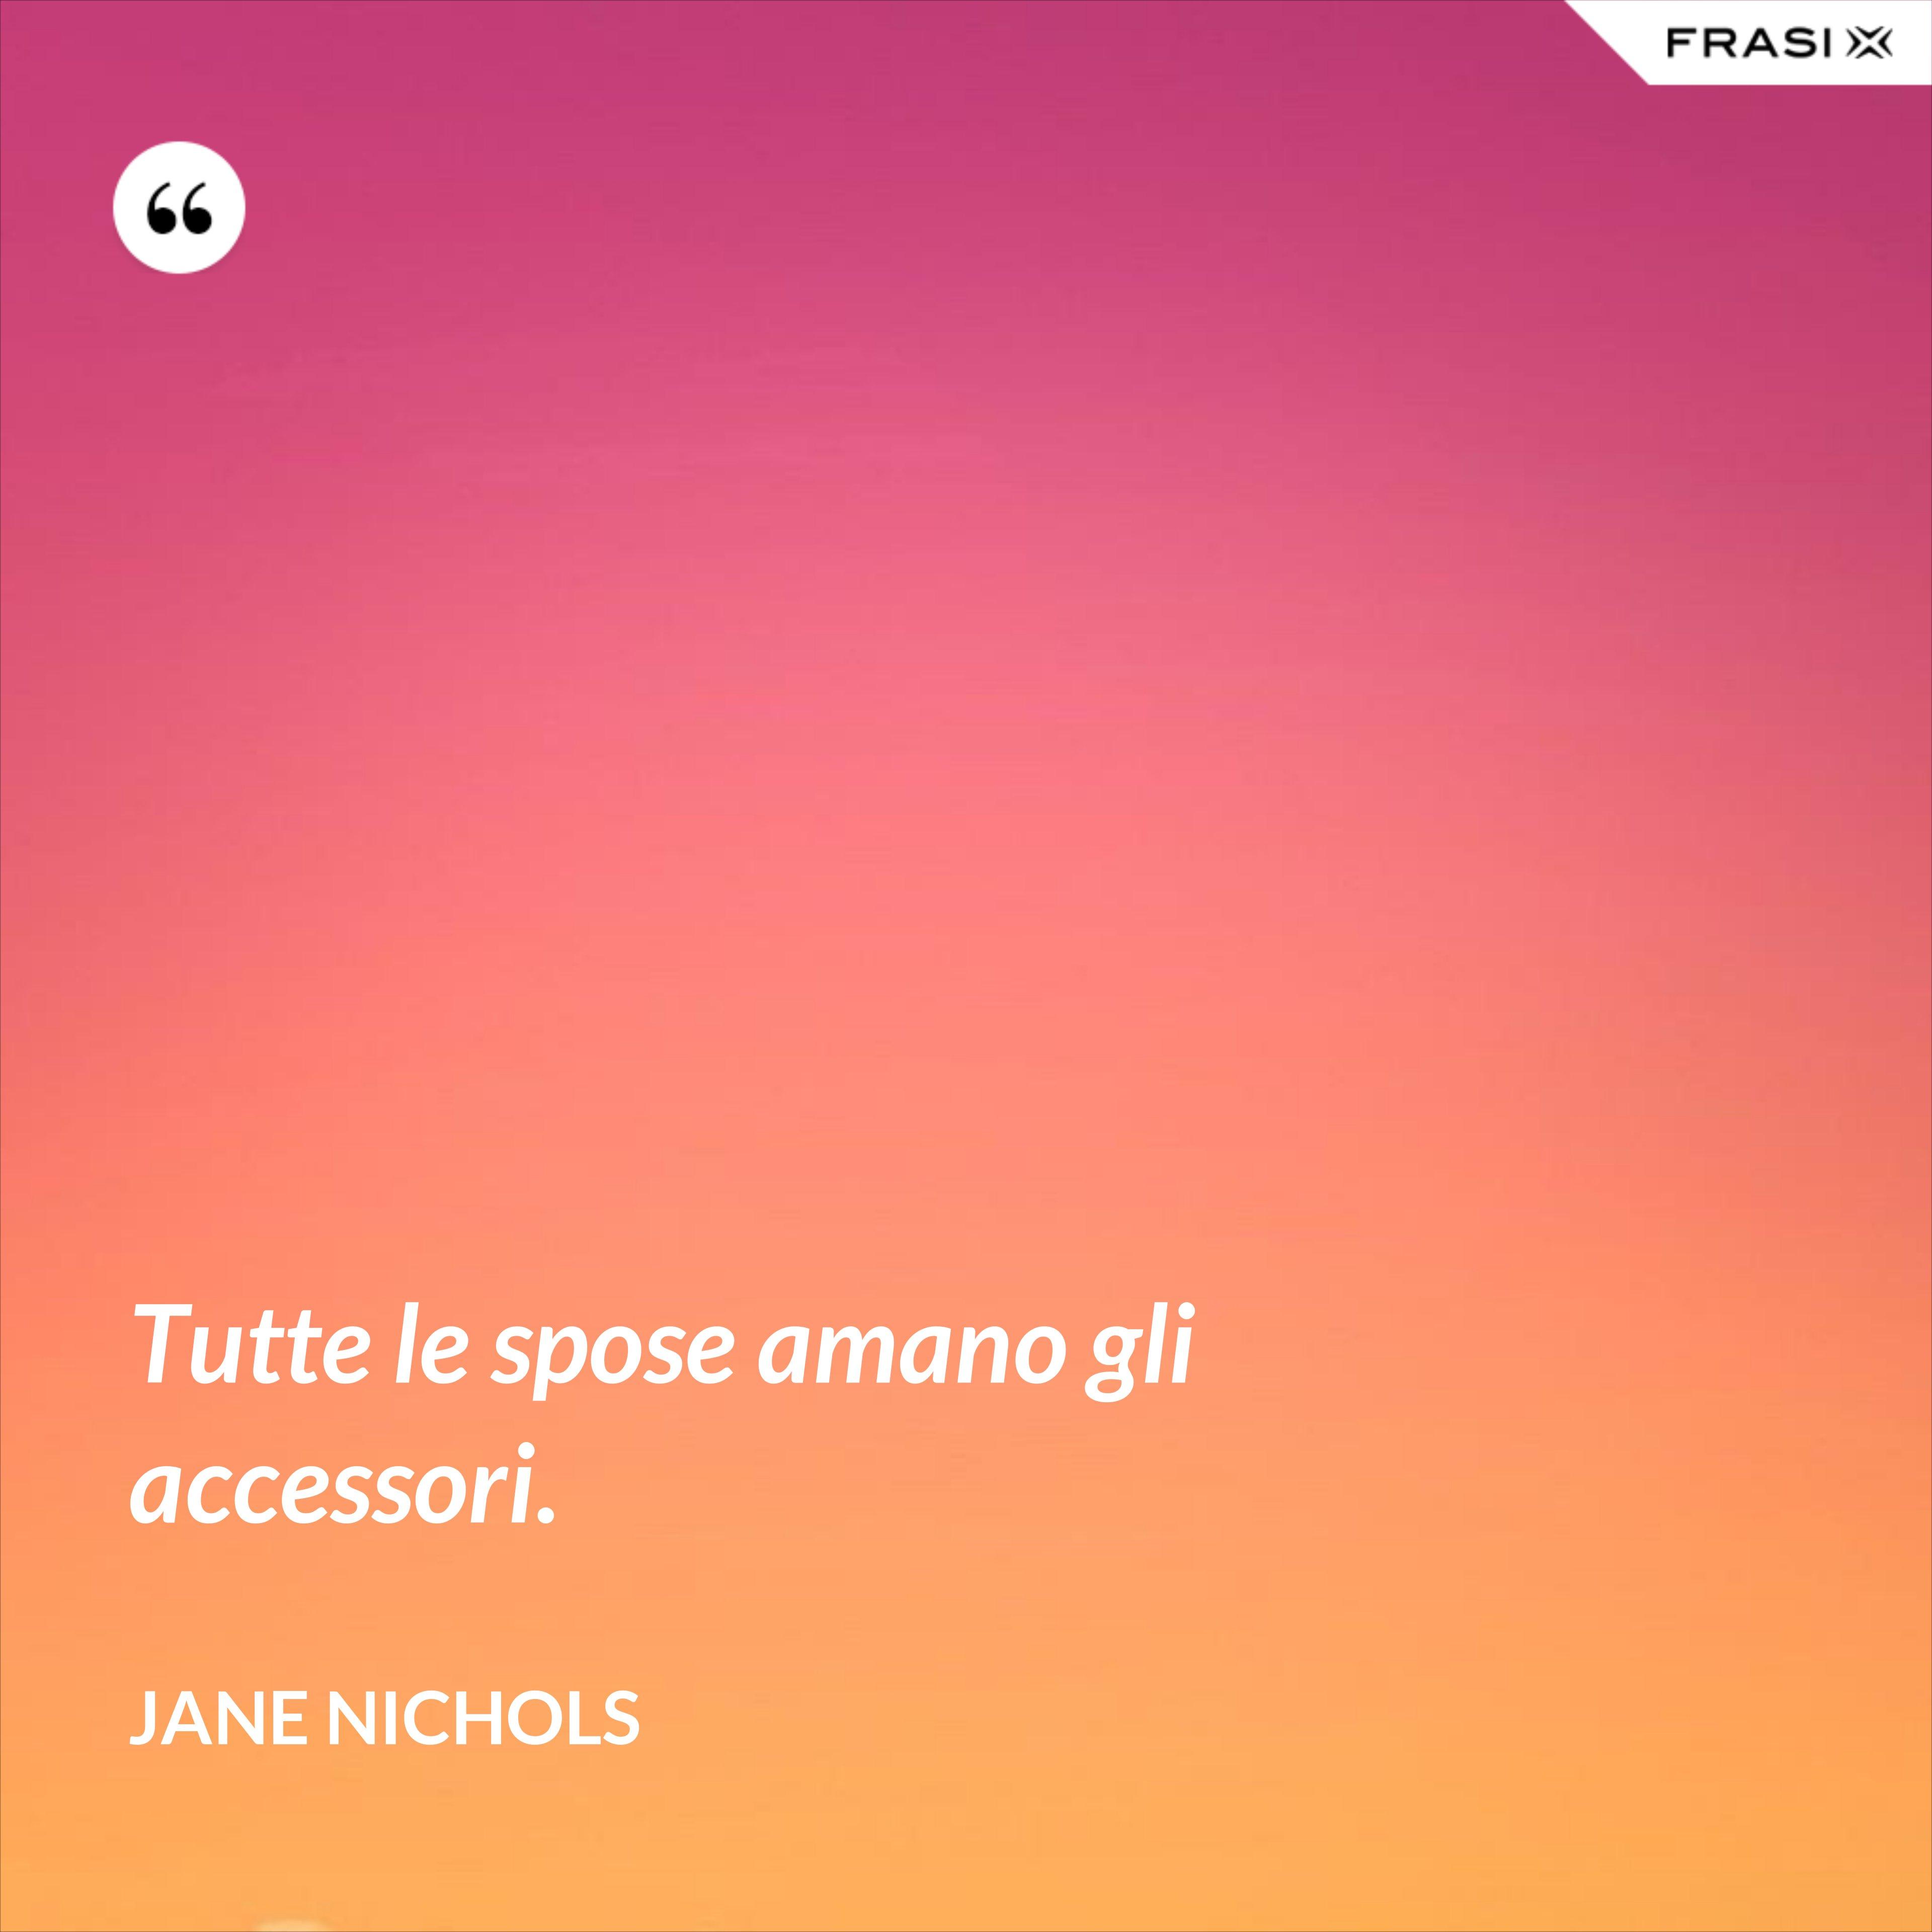 Tutte le spose amano gli accessori. - Jane Nichols